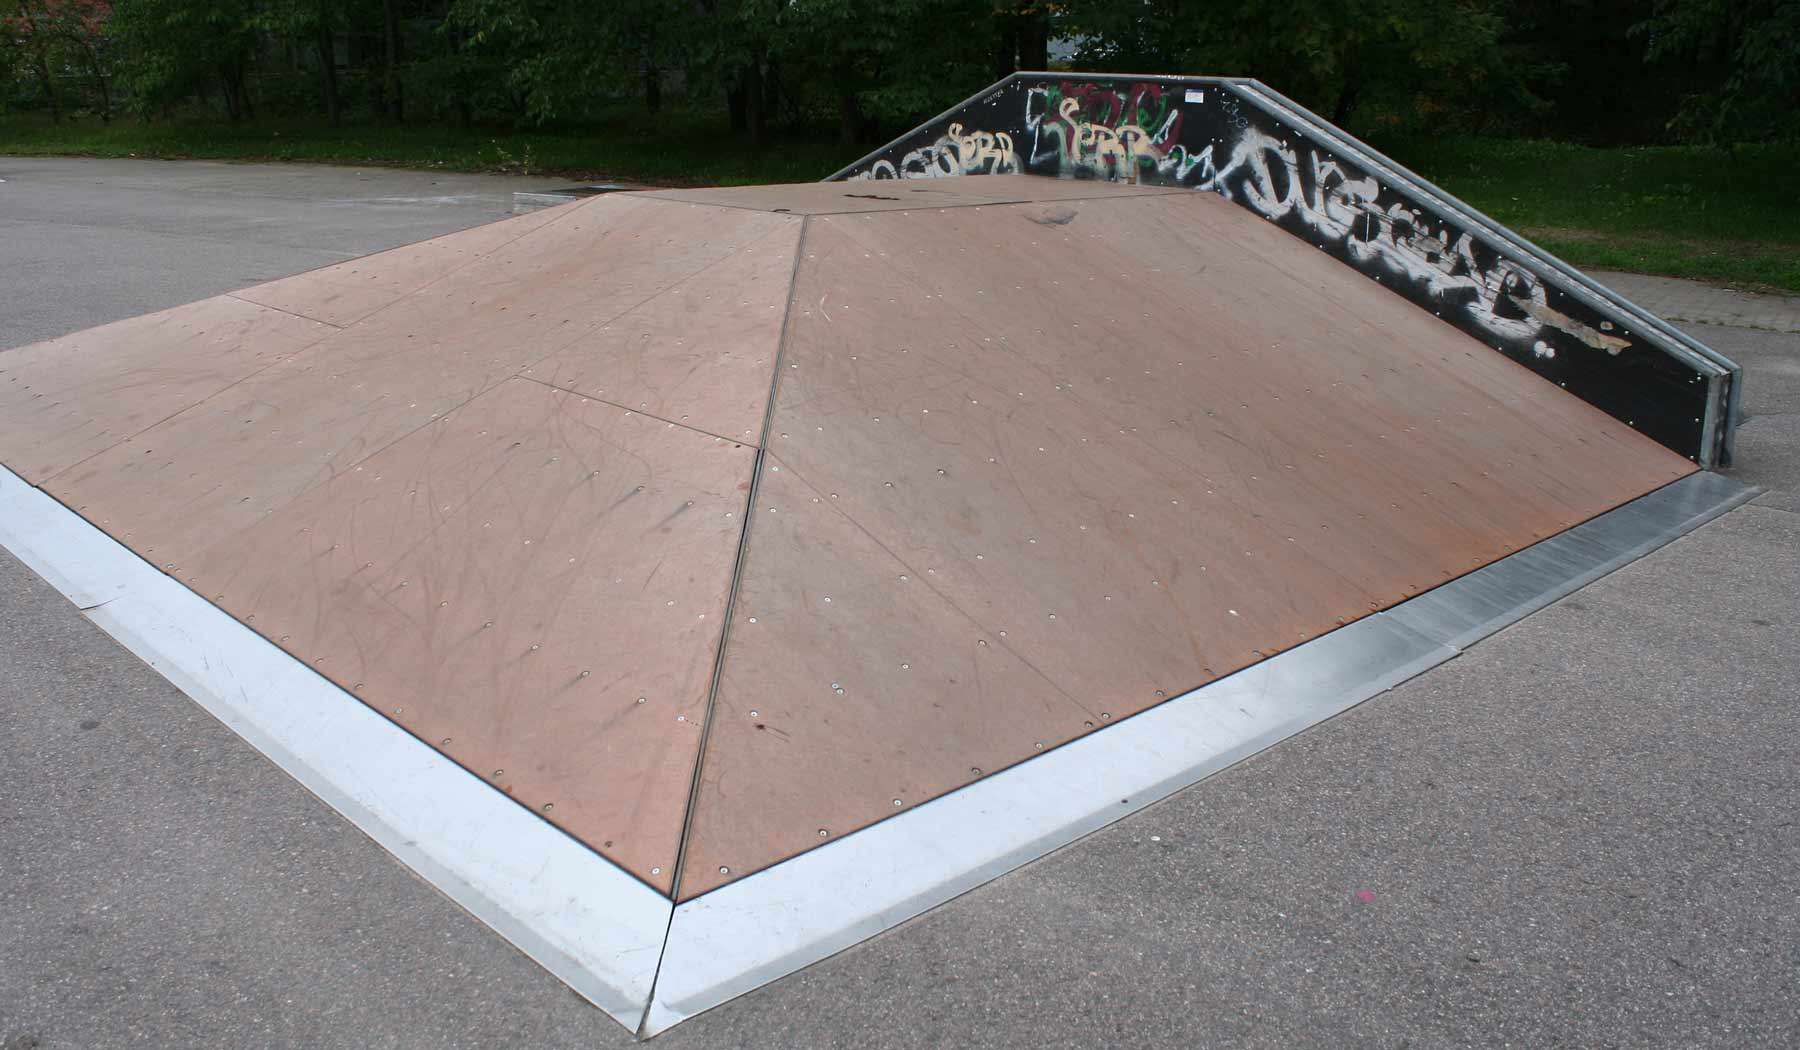 Skeittipuiston ramppien päällysteet Skatelinesta